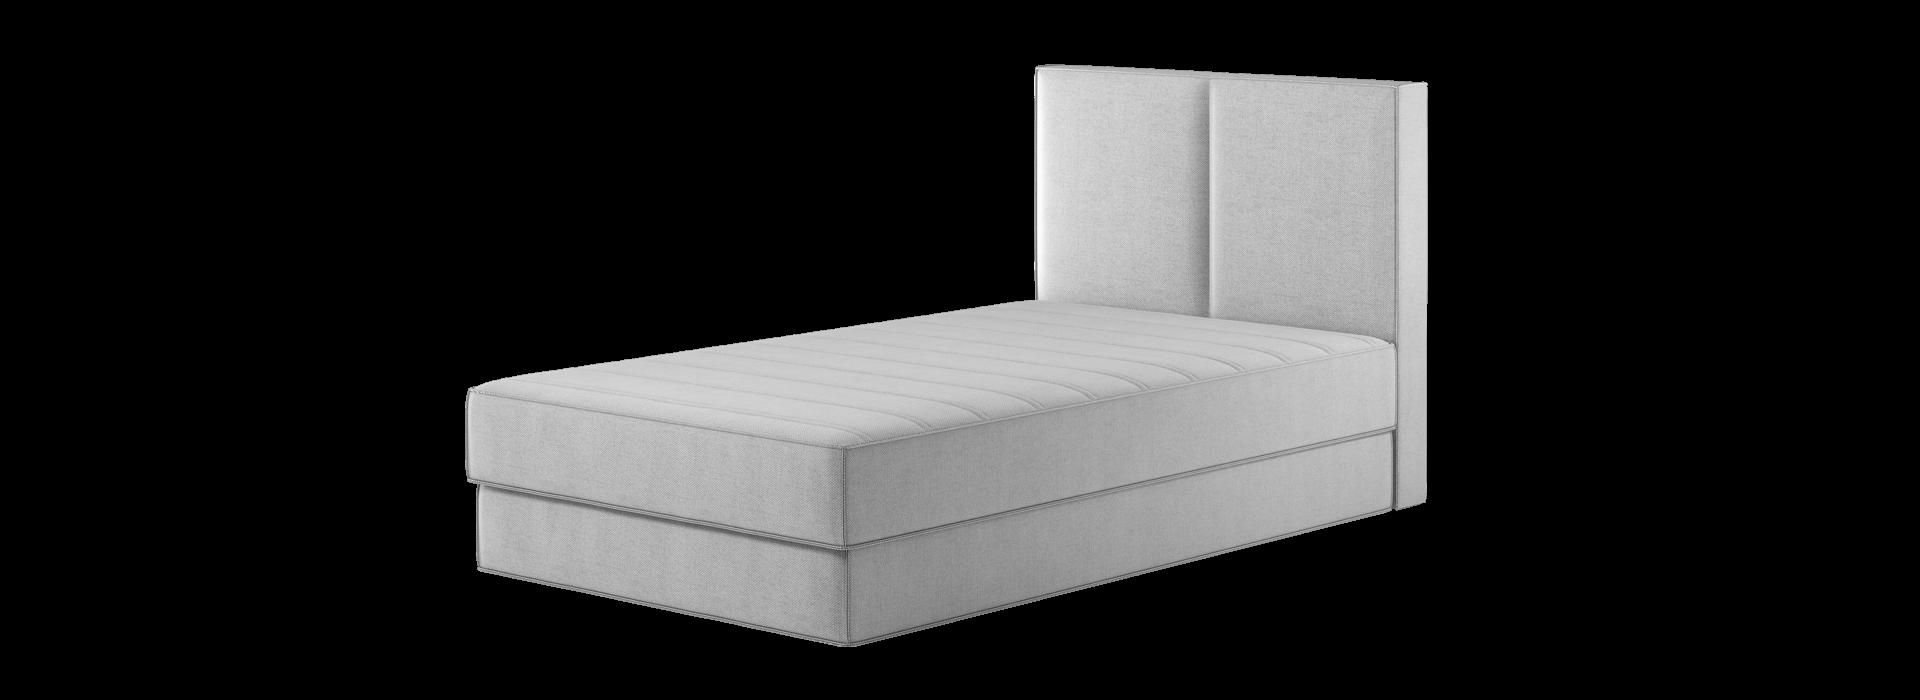 Фрея 1.2 ліжко з підйомником - маска 4